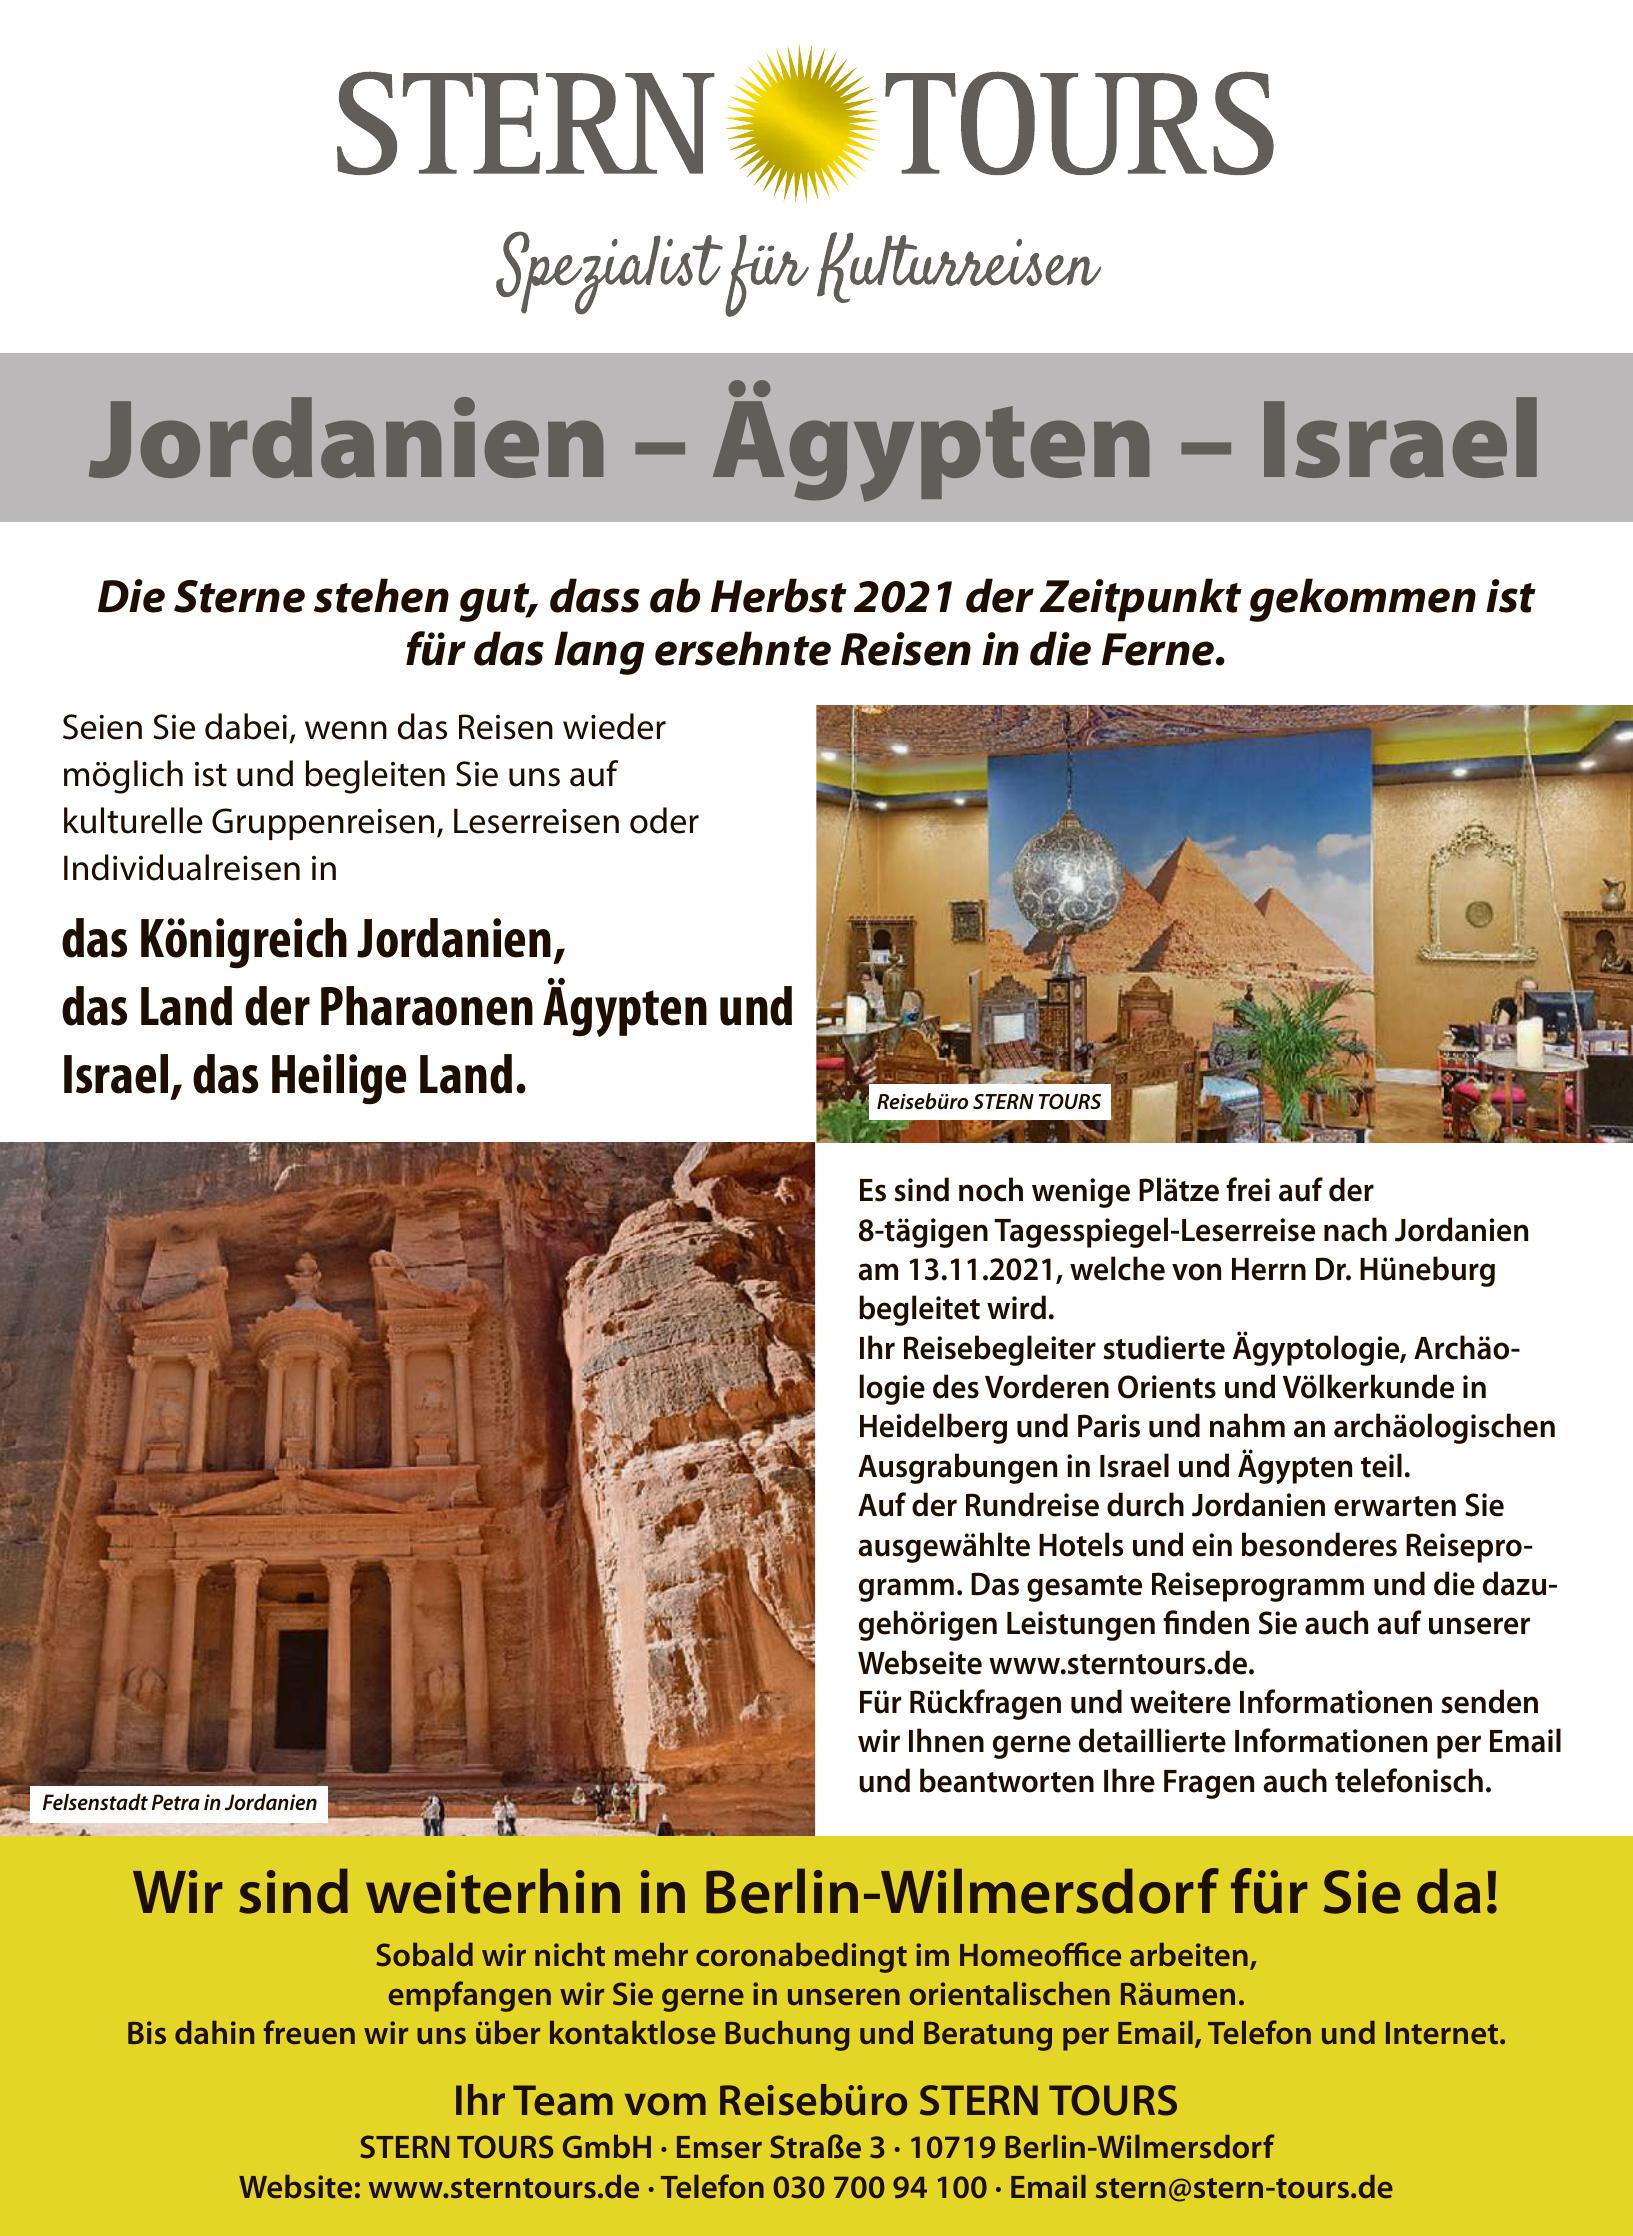 STERN TOURS GmbH